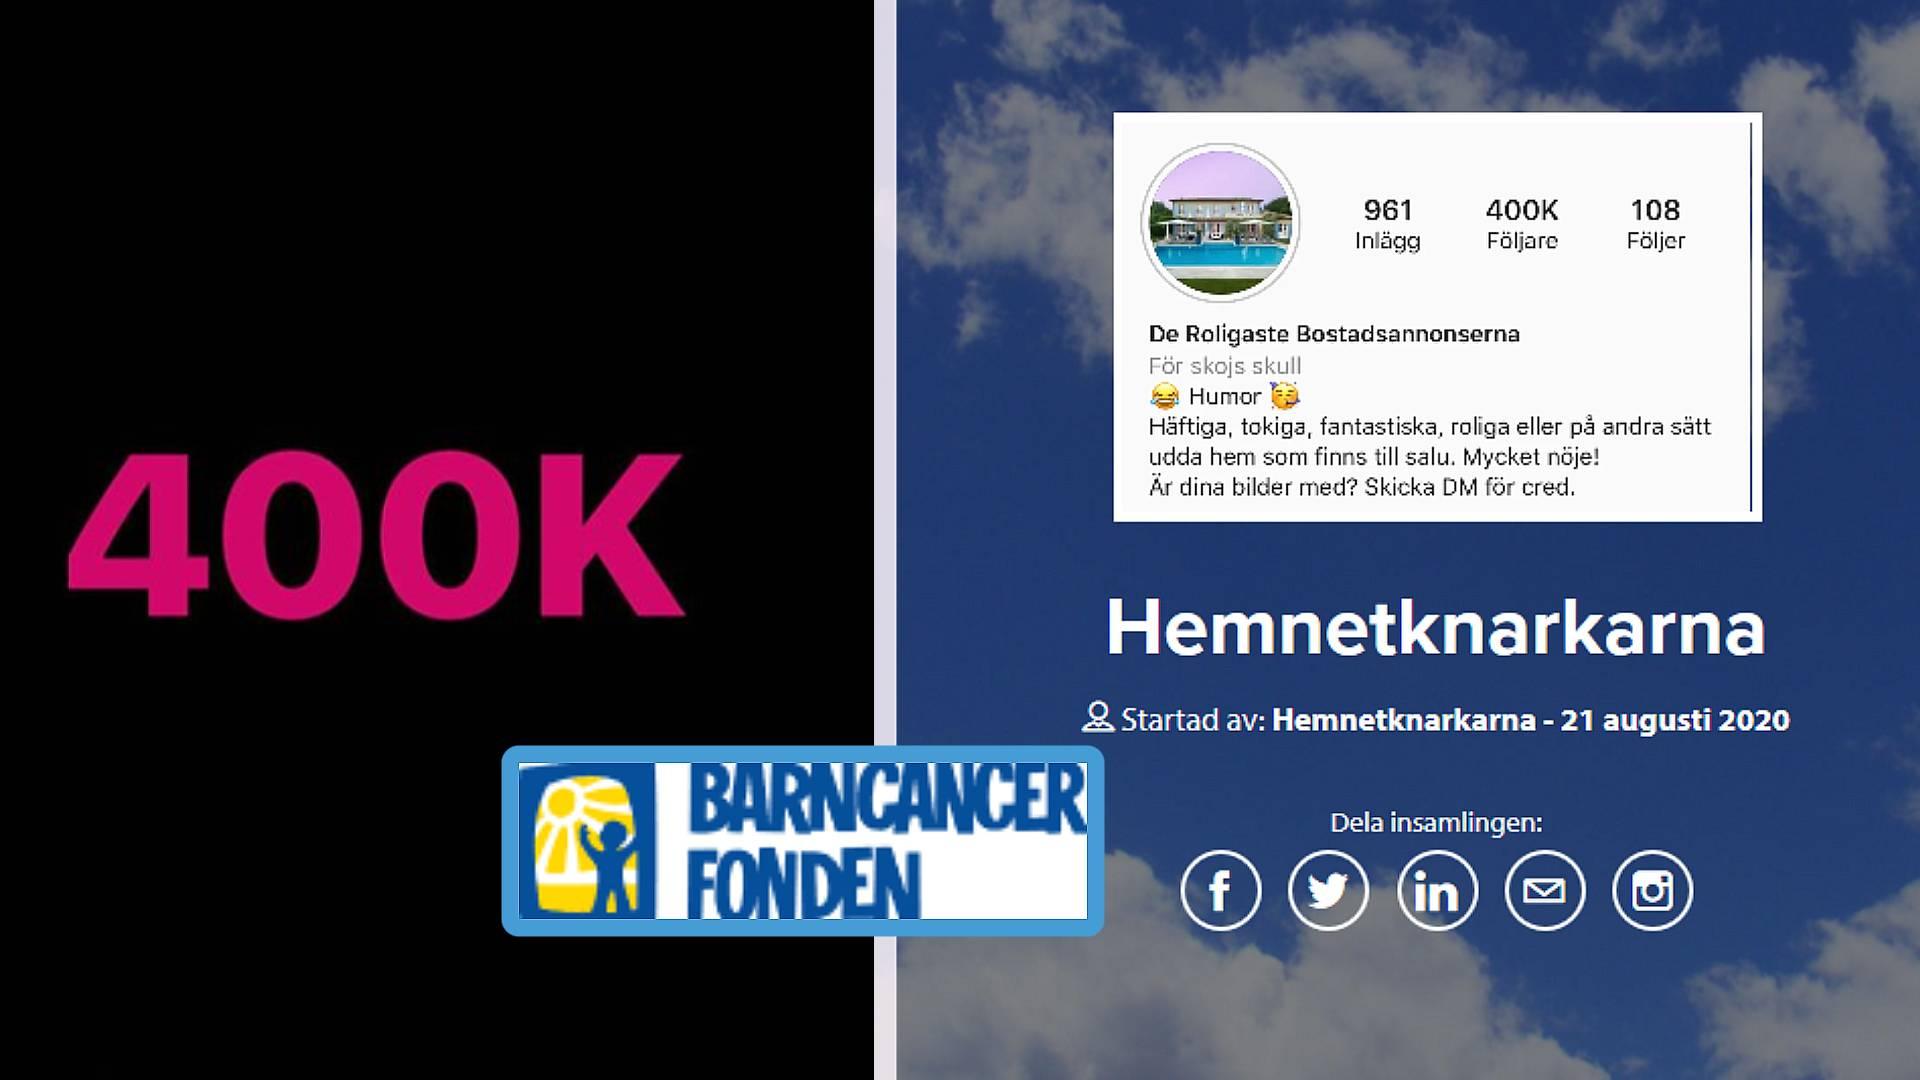 Skänk en krona -  Hemnetknarkarnas insamling till Barncancerfonden